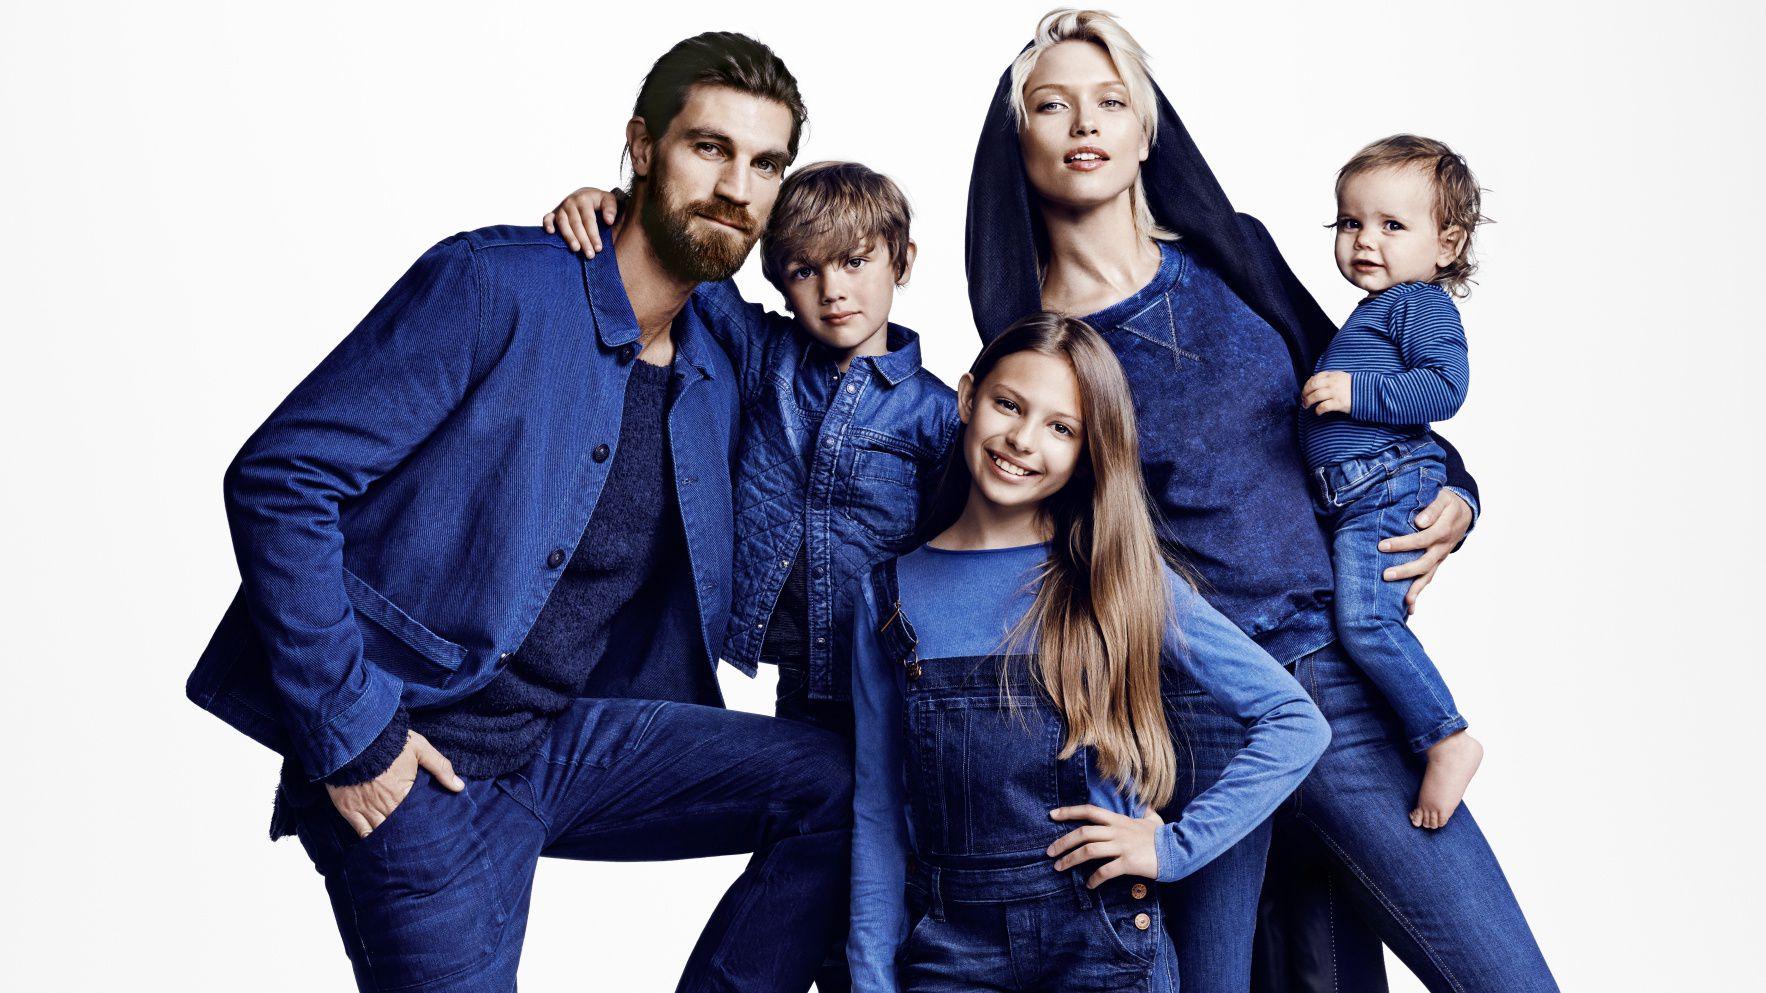 H&M Conscious Denim campaign